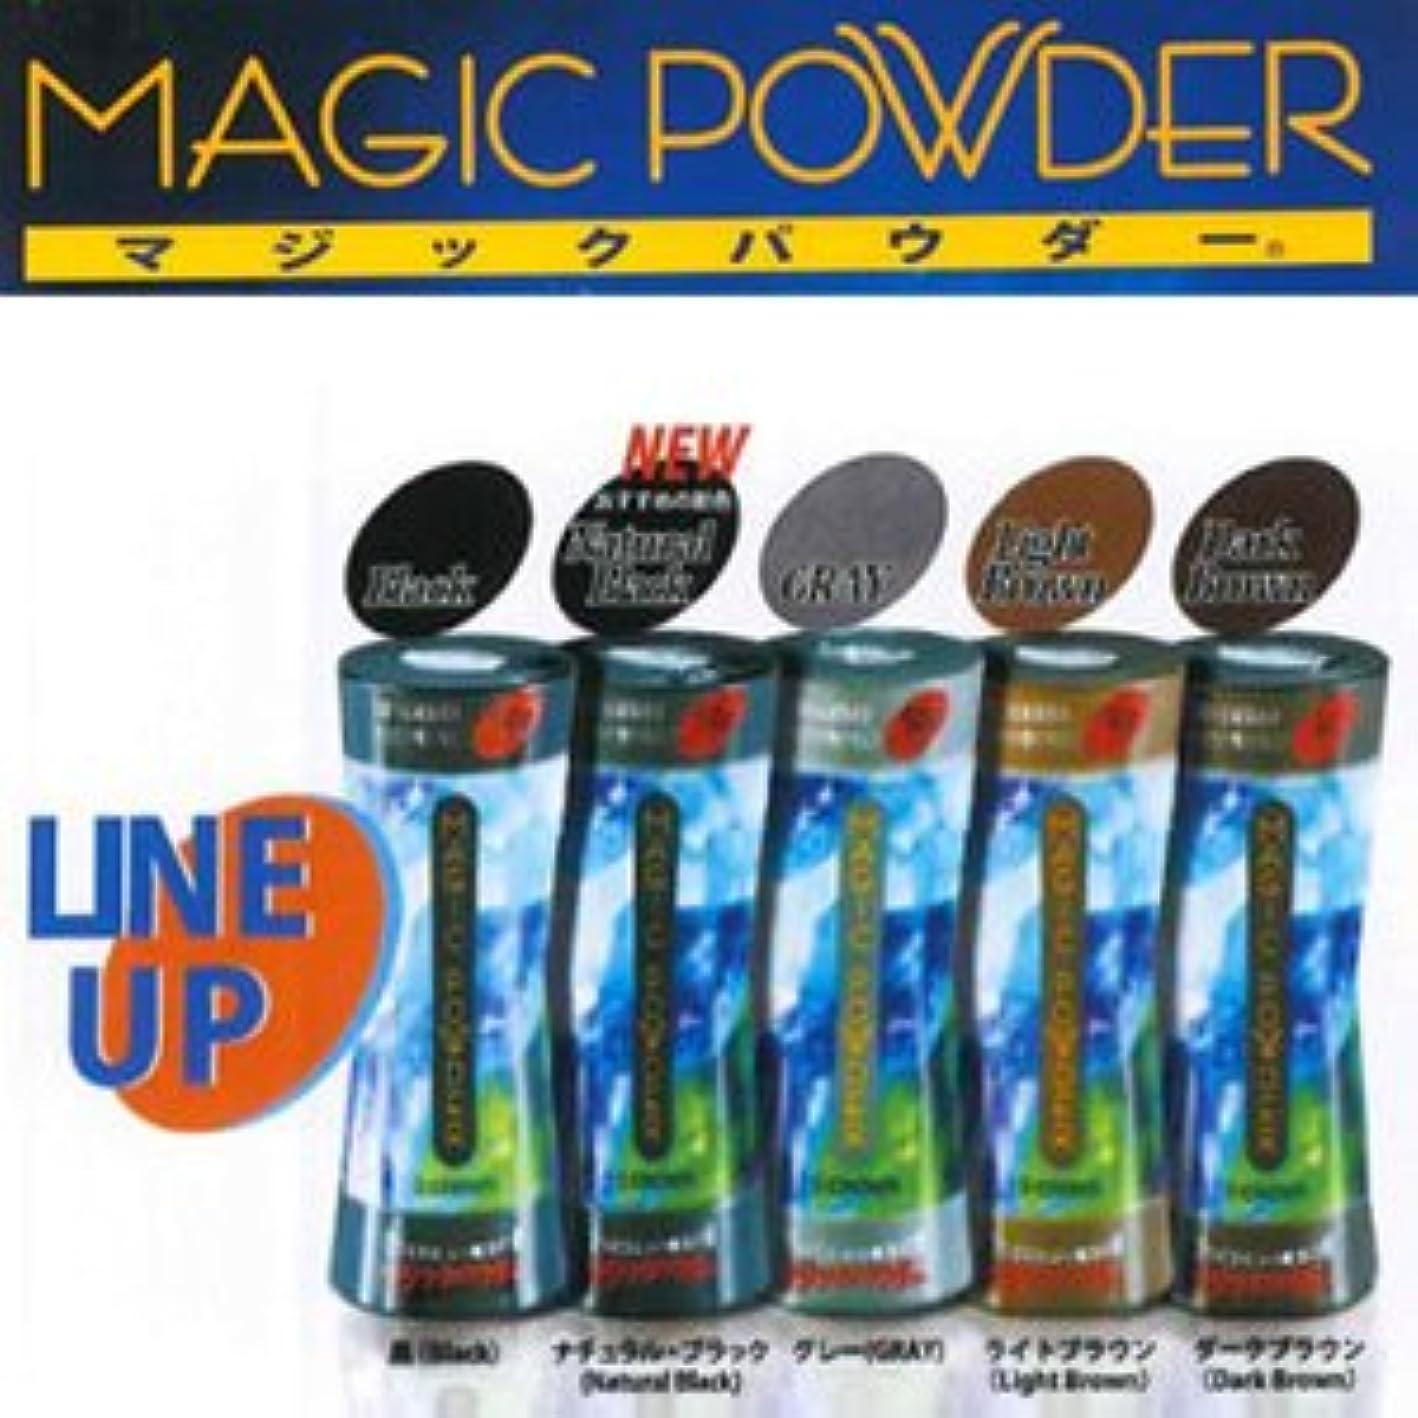 ブルーベル中毒フレアMAGIC POWDER マジックパウダー ライトブラウン 50g 2個セット ※貴方の髪を簡単ボリュームアップ!